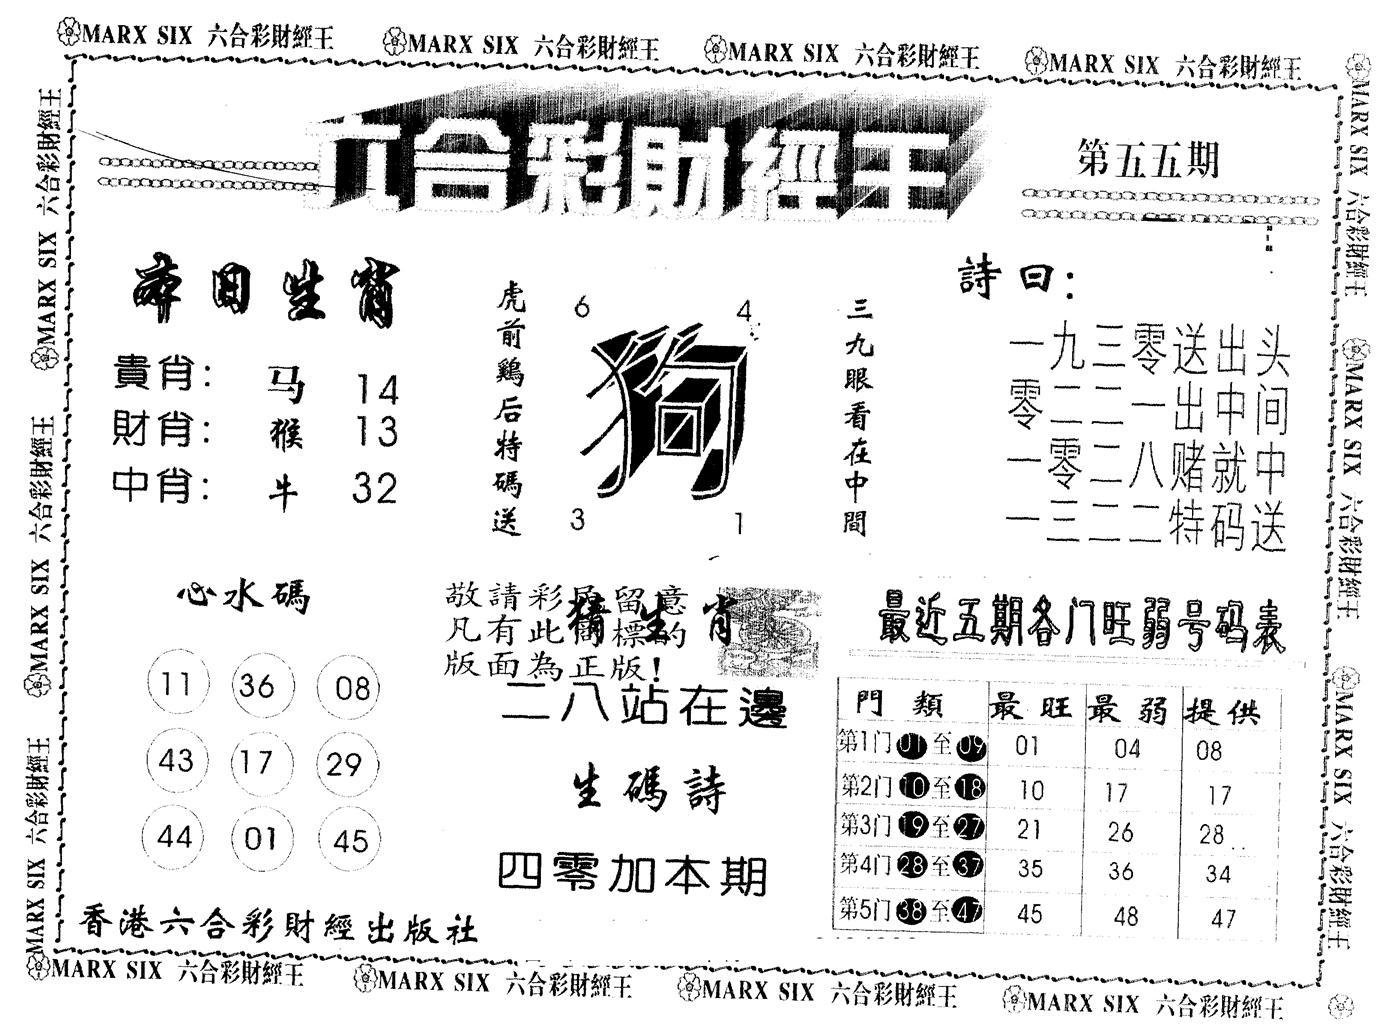 055期另版2000包中特(黑白)